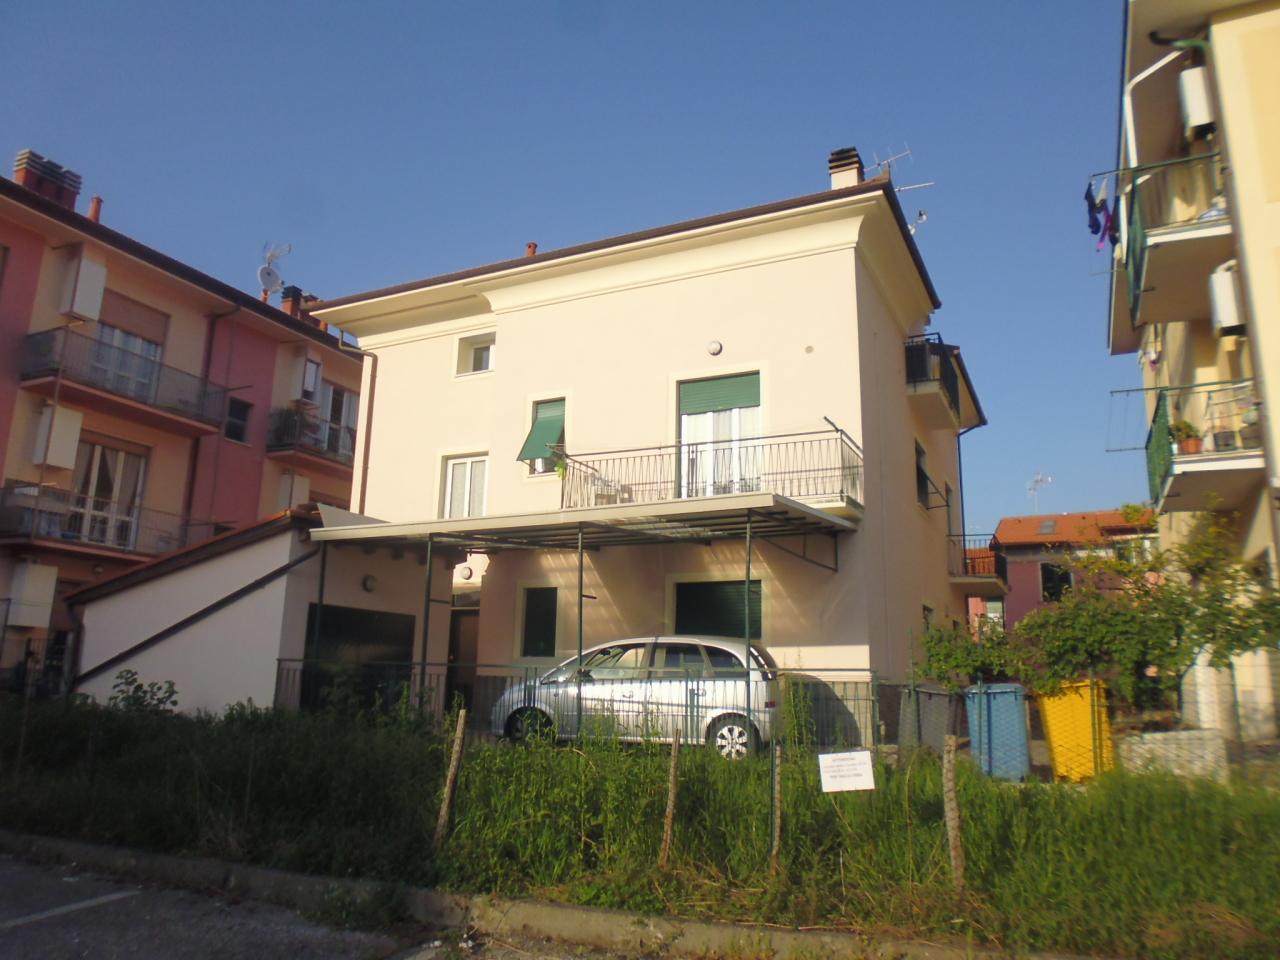 Appartamento in affitto a Casarza Ligure, 6 locali, prezzo € 600 | CambioCasa.it